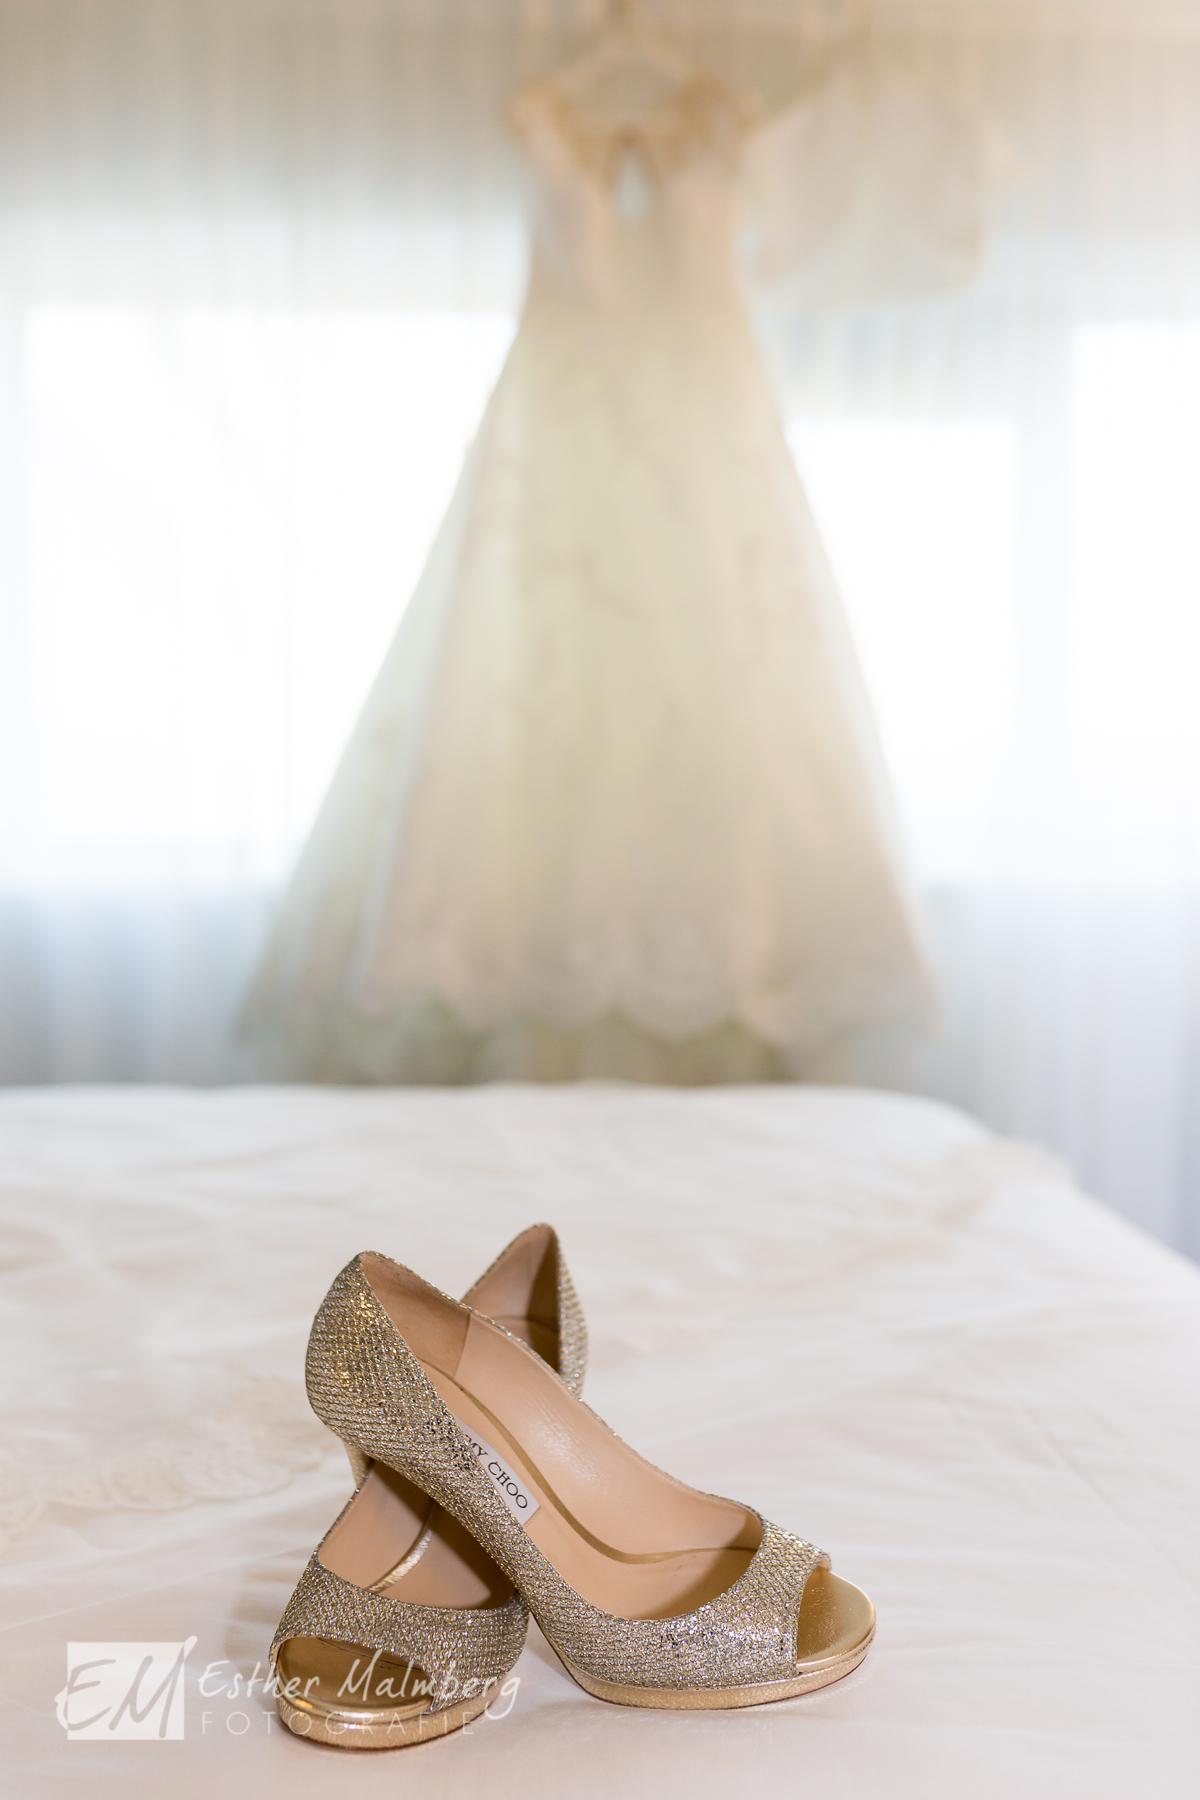 Bruidsreportage - schoenen en trouwjurk hangen klaar voor de grote dag